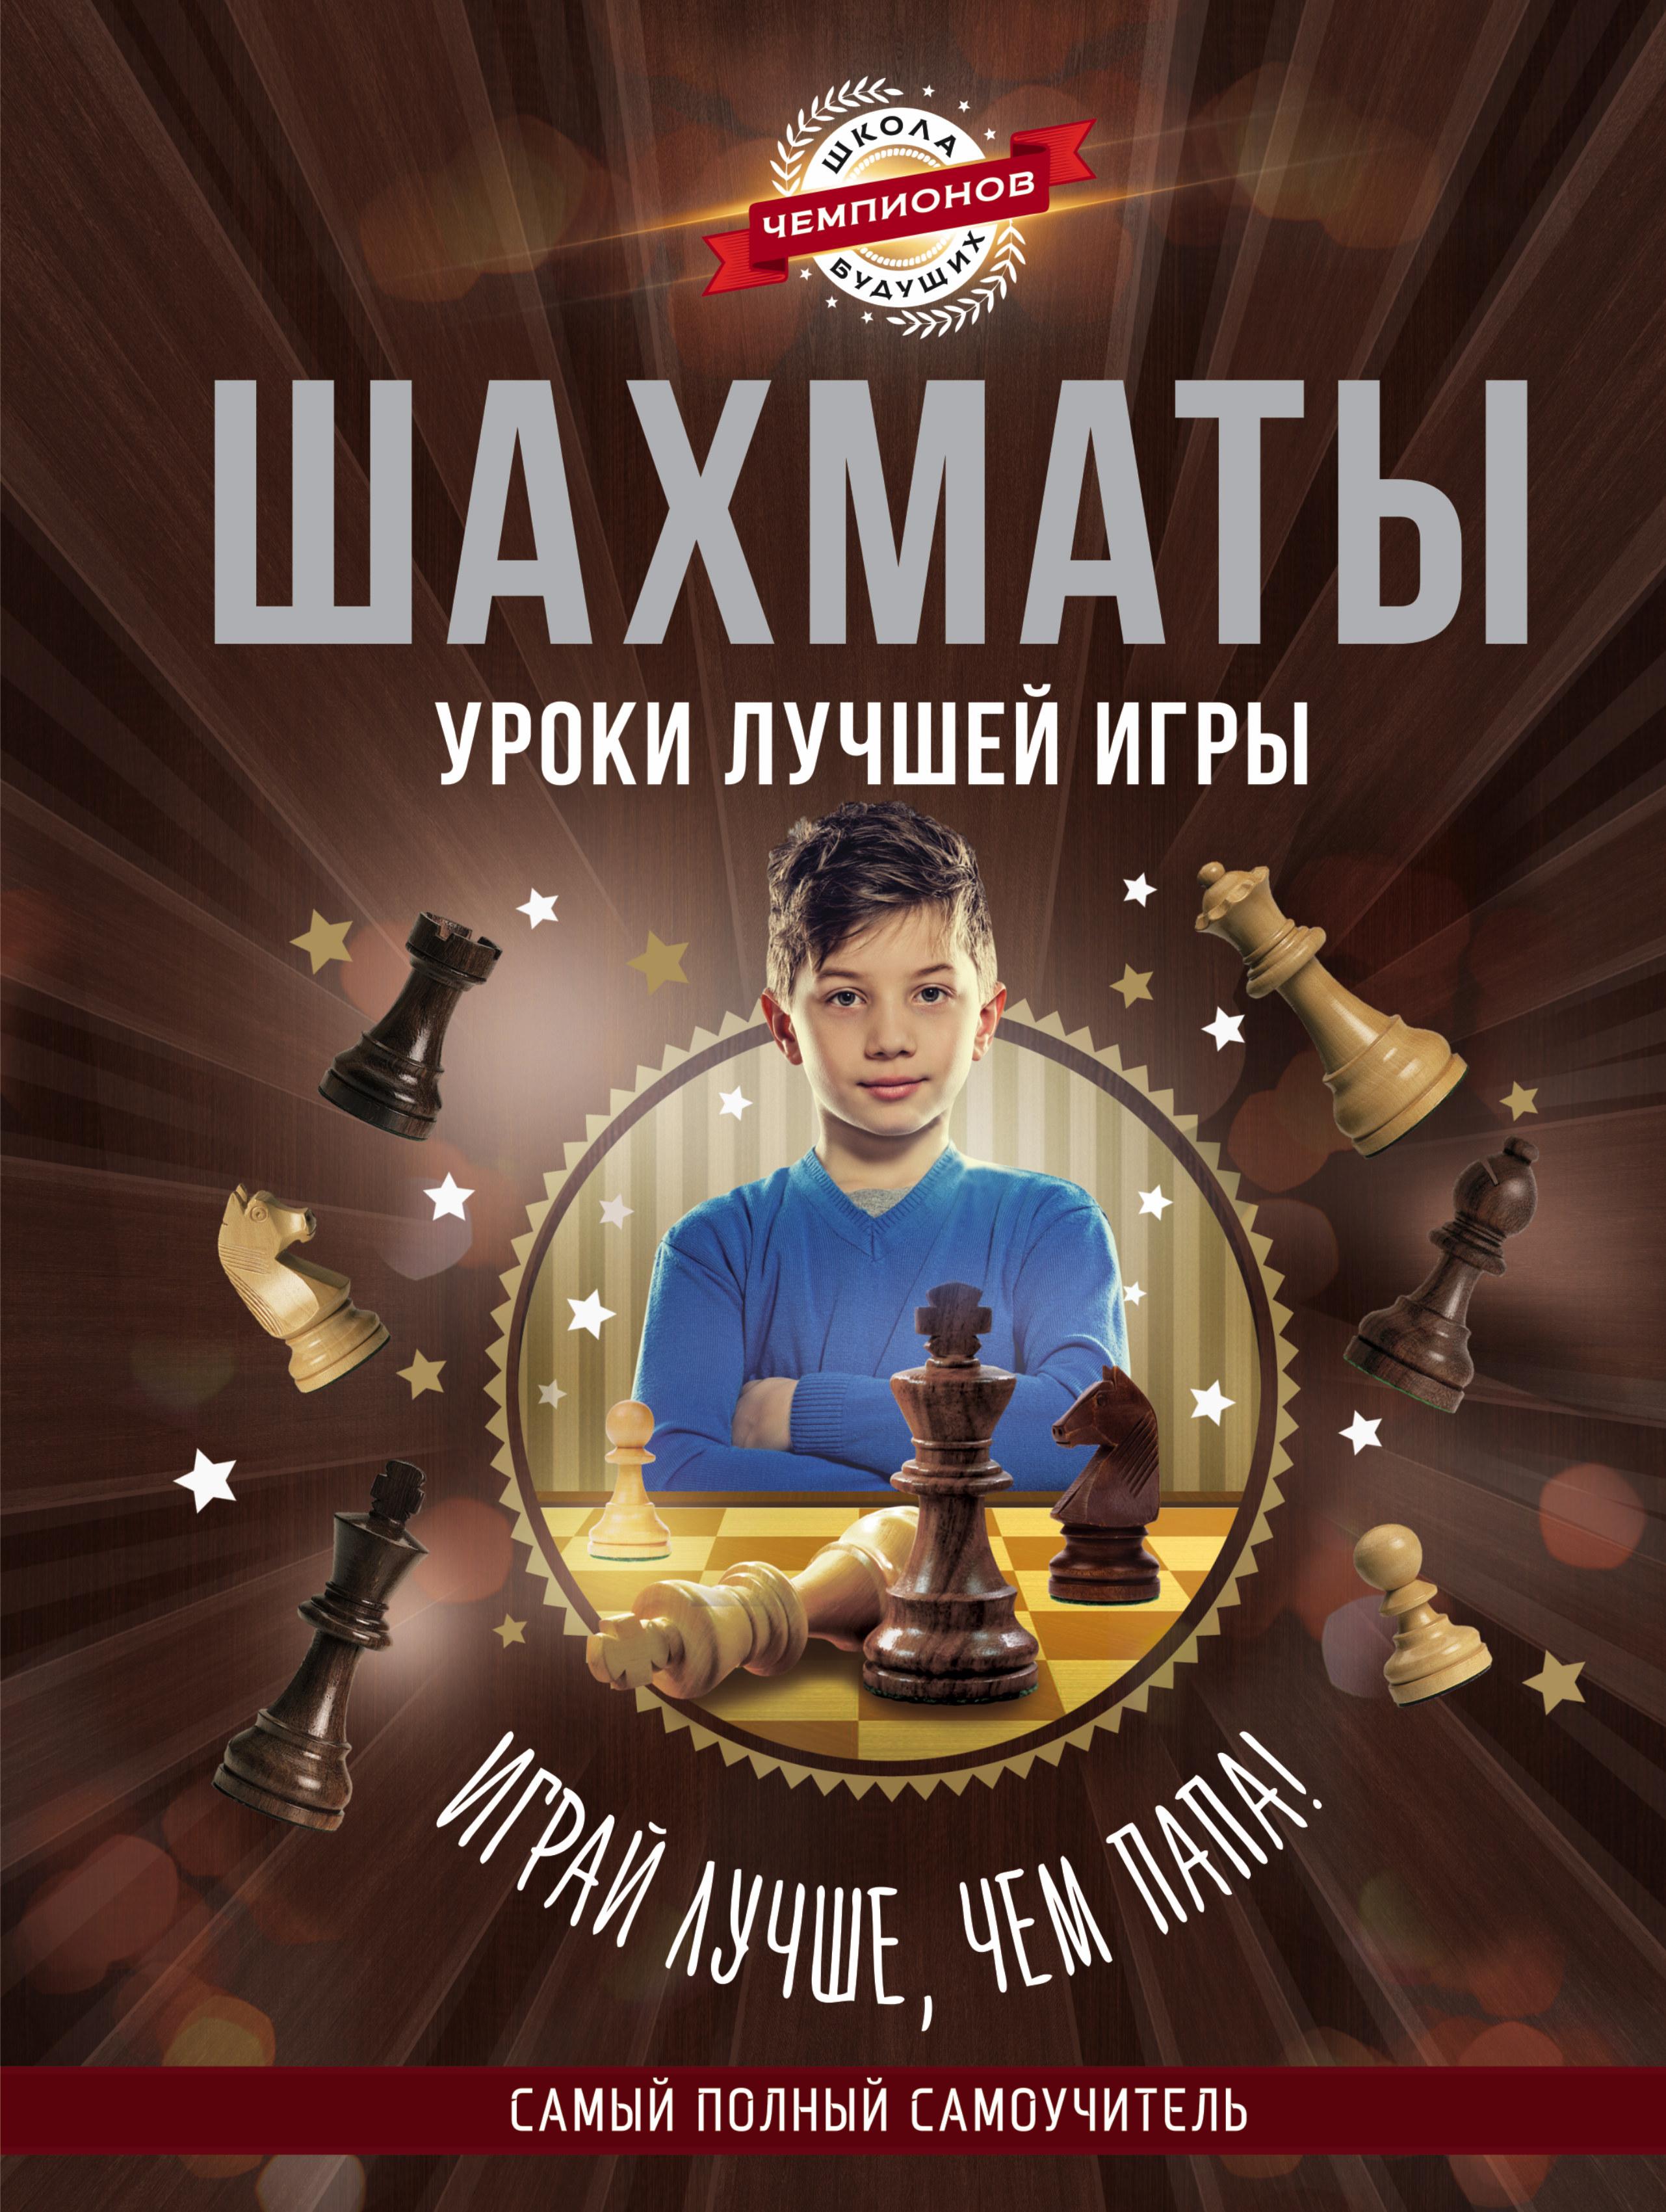 Купить со скидкой Шахматы. Уроки лучшей игры - самый полный самоучитель. Играй лучше, чем папа!